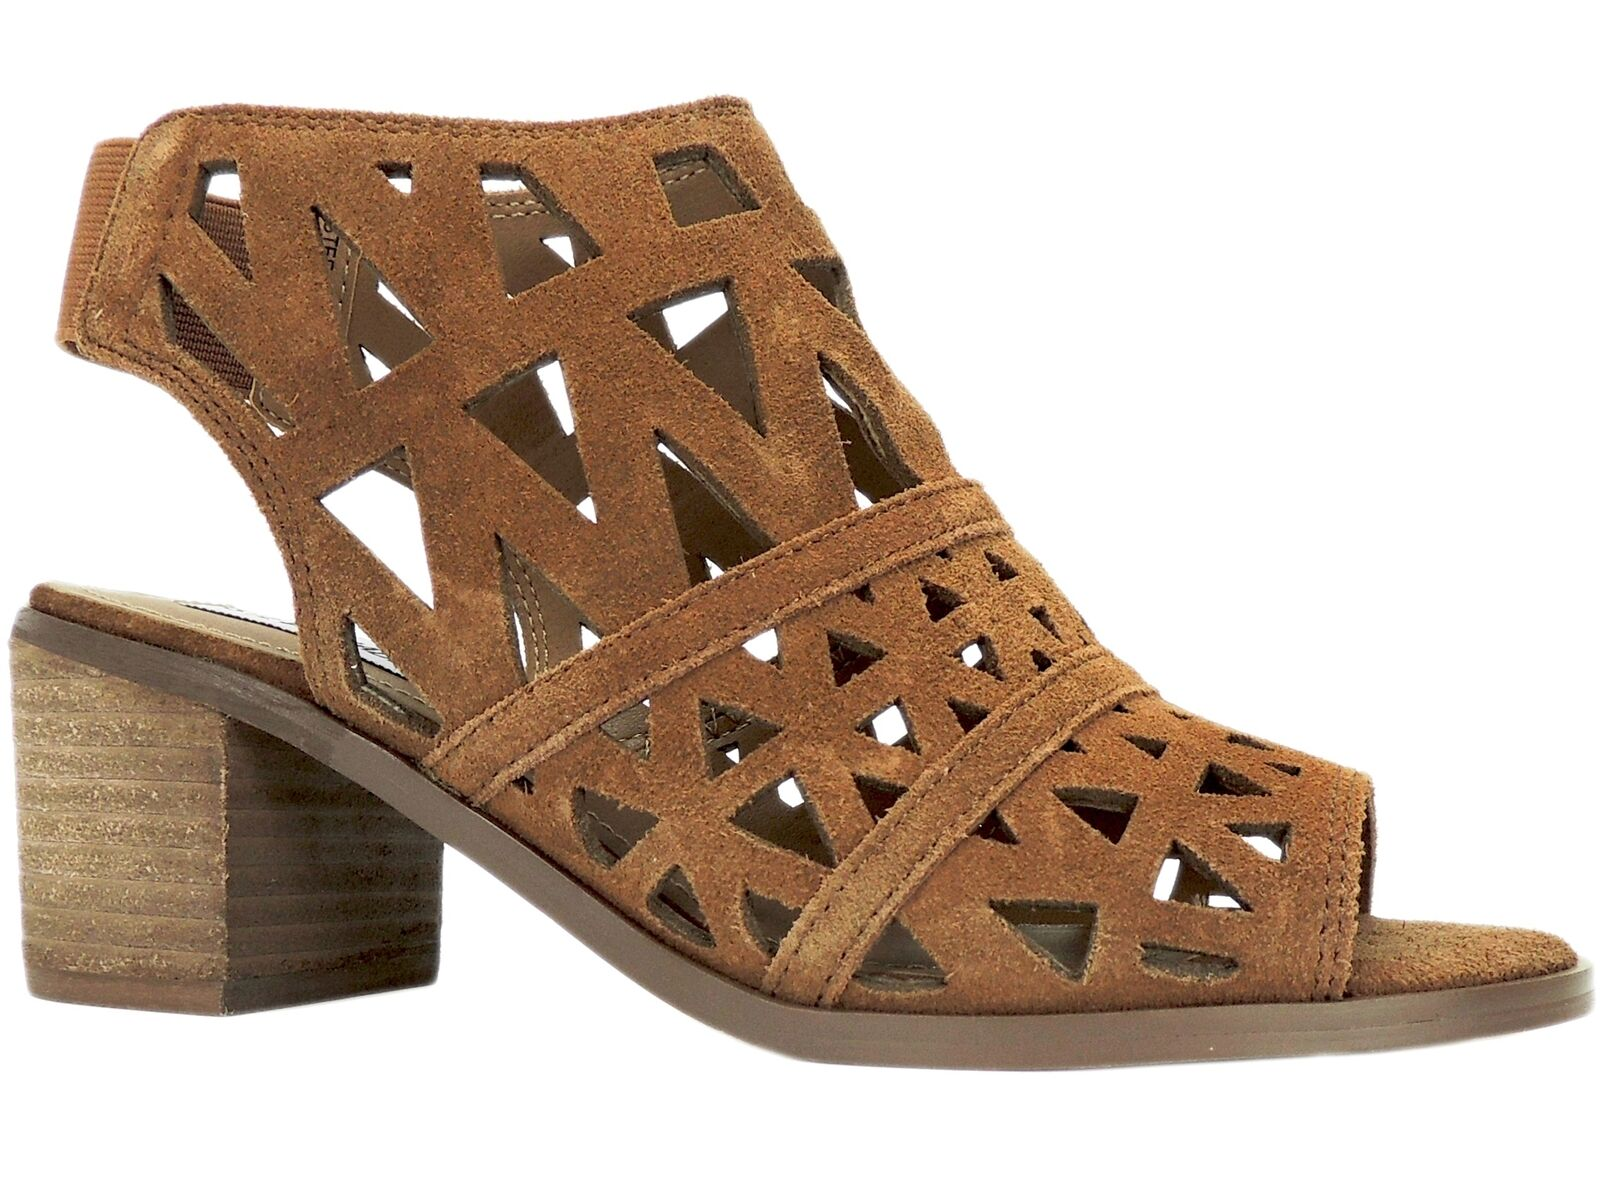 Steve Madden Women's Estee Cage Sandals Cognac Suede Size 7 M